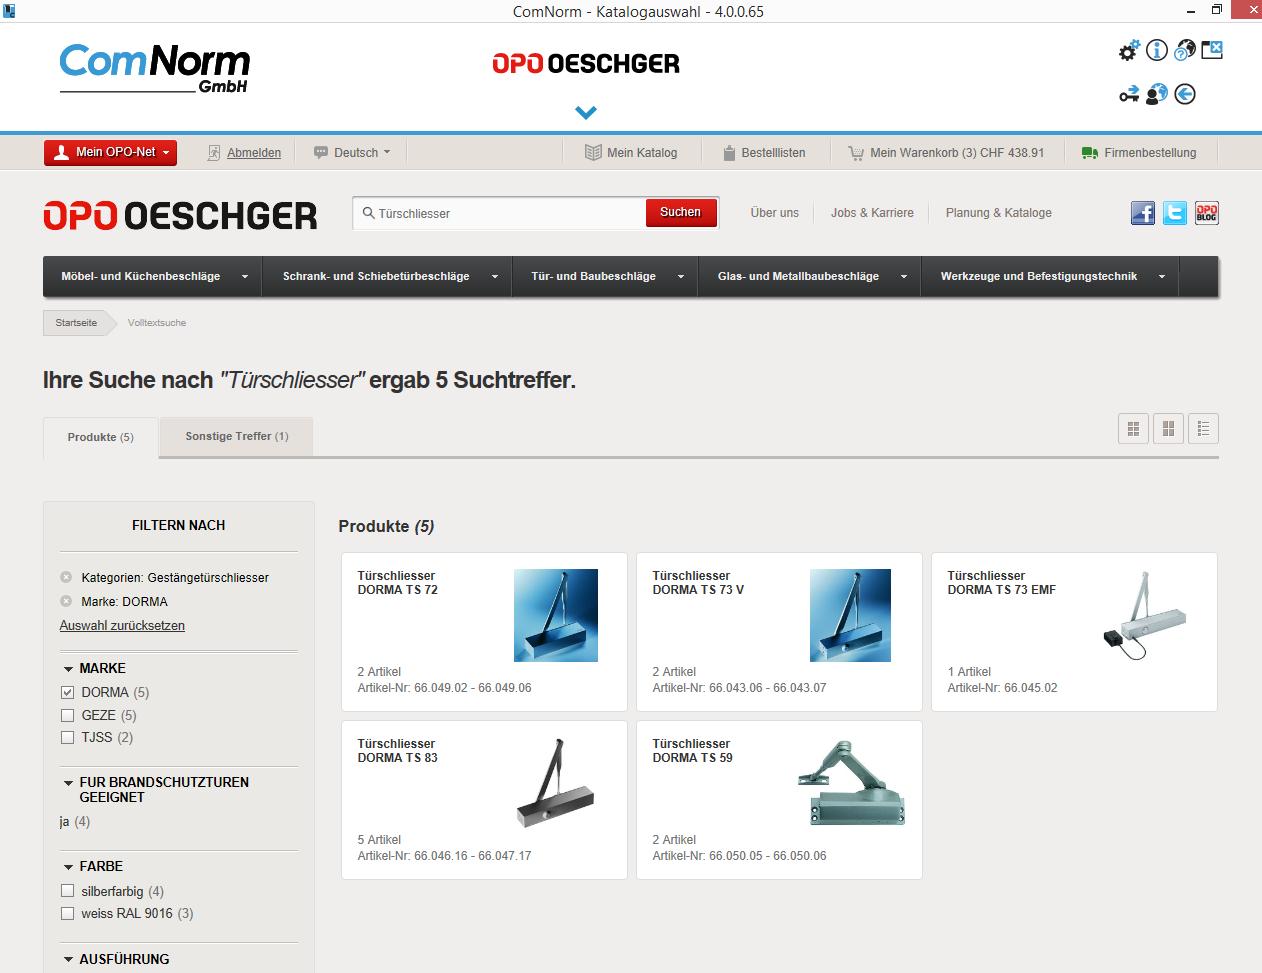 ComNorm_Katalogauswahl_de